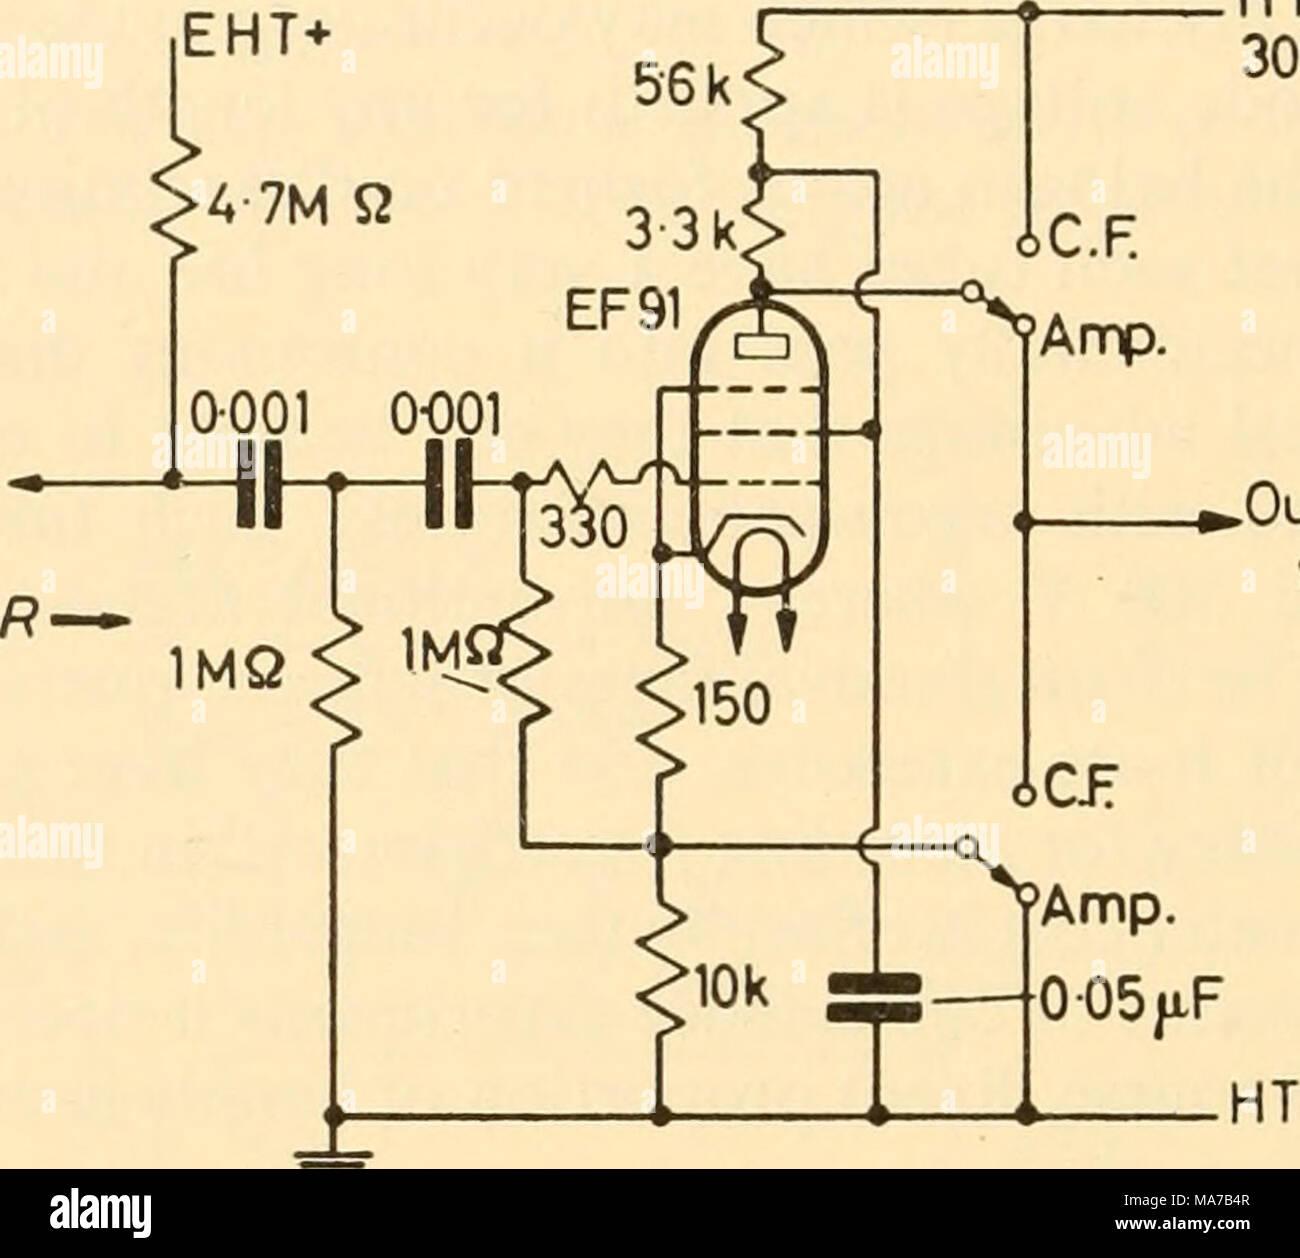 Nett Einfacher Harley Schaltplan Bilder - Schaltplan Serie Circuit ...